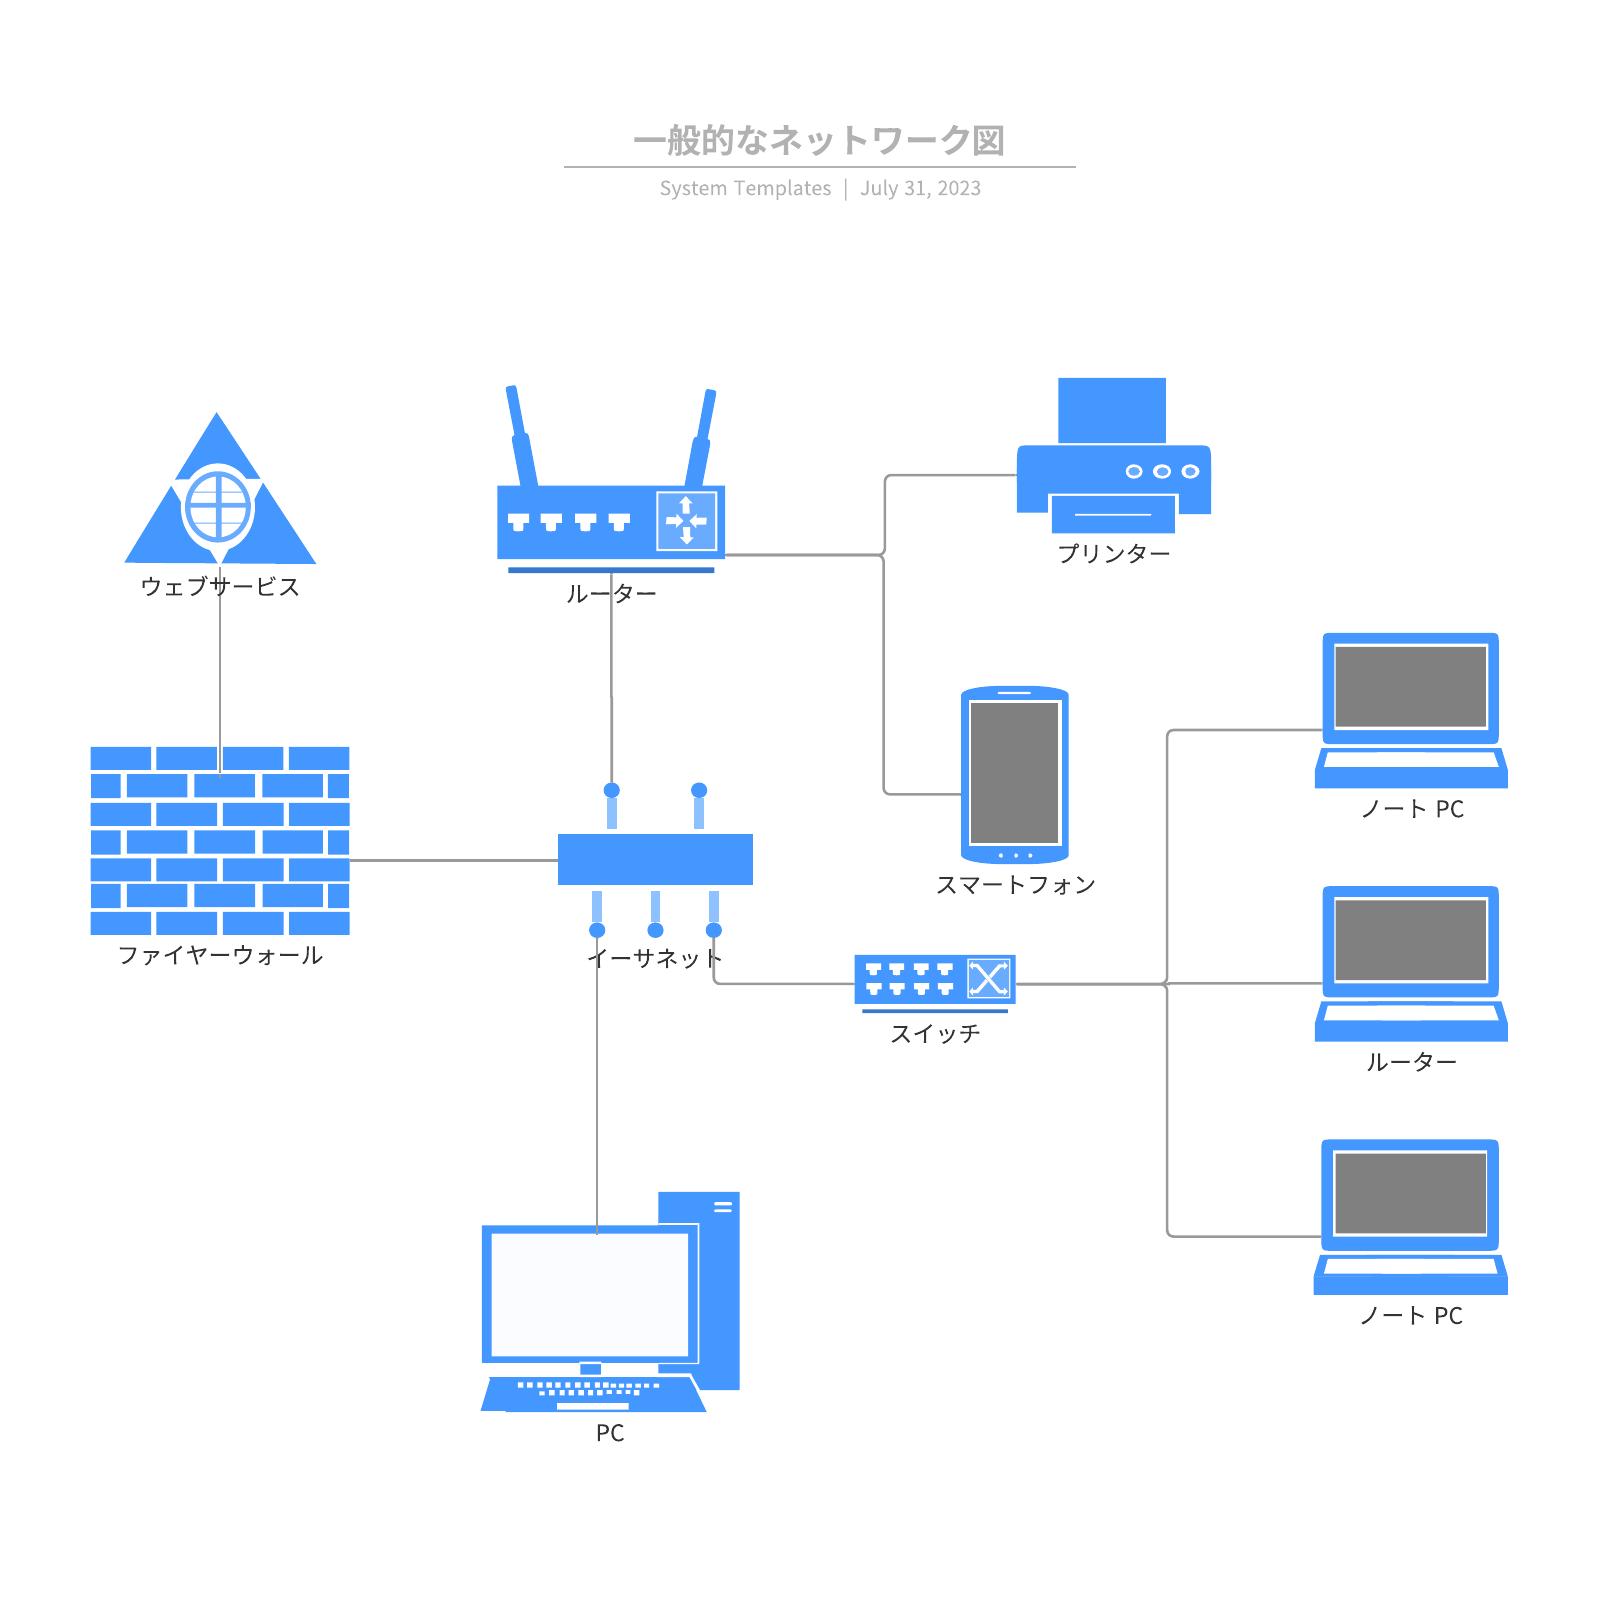 ネットワーク構成図テンプレ